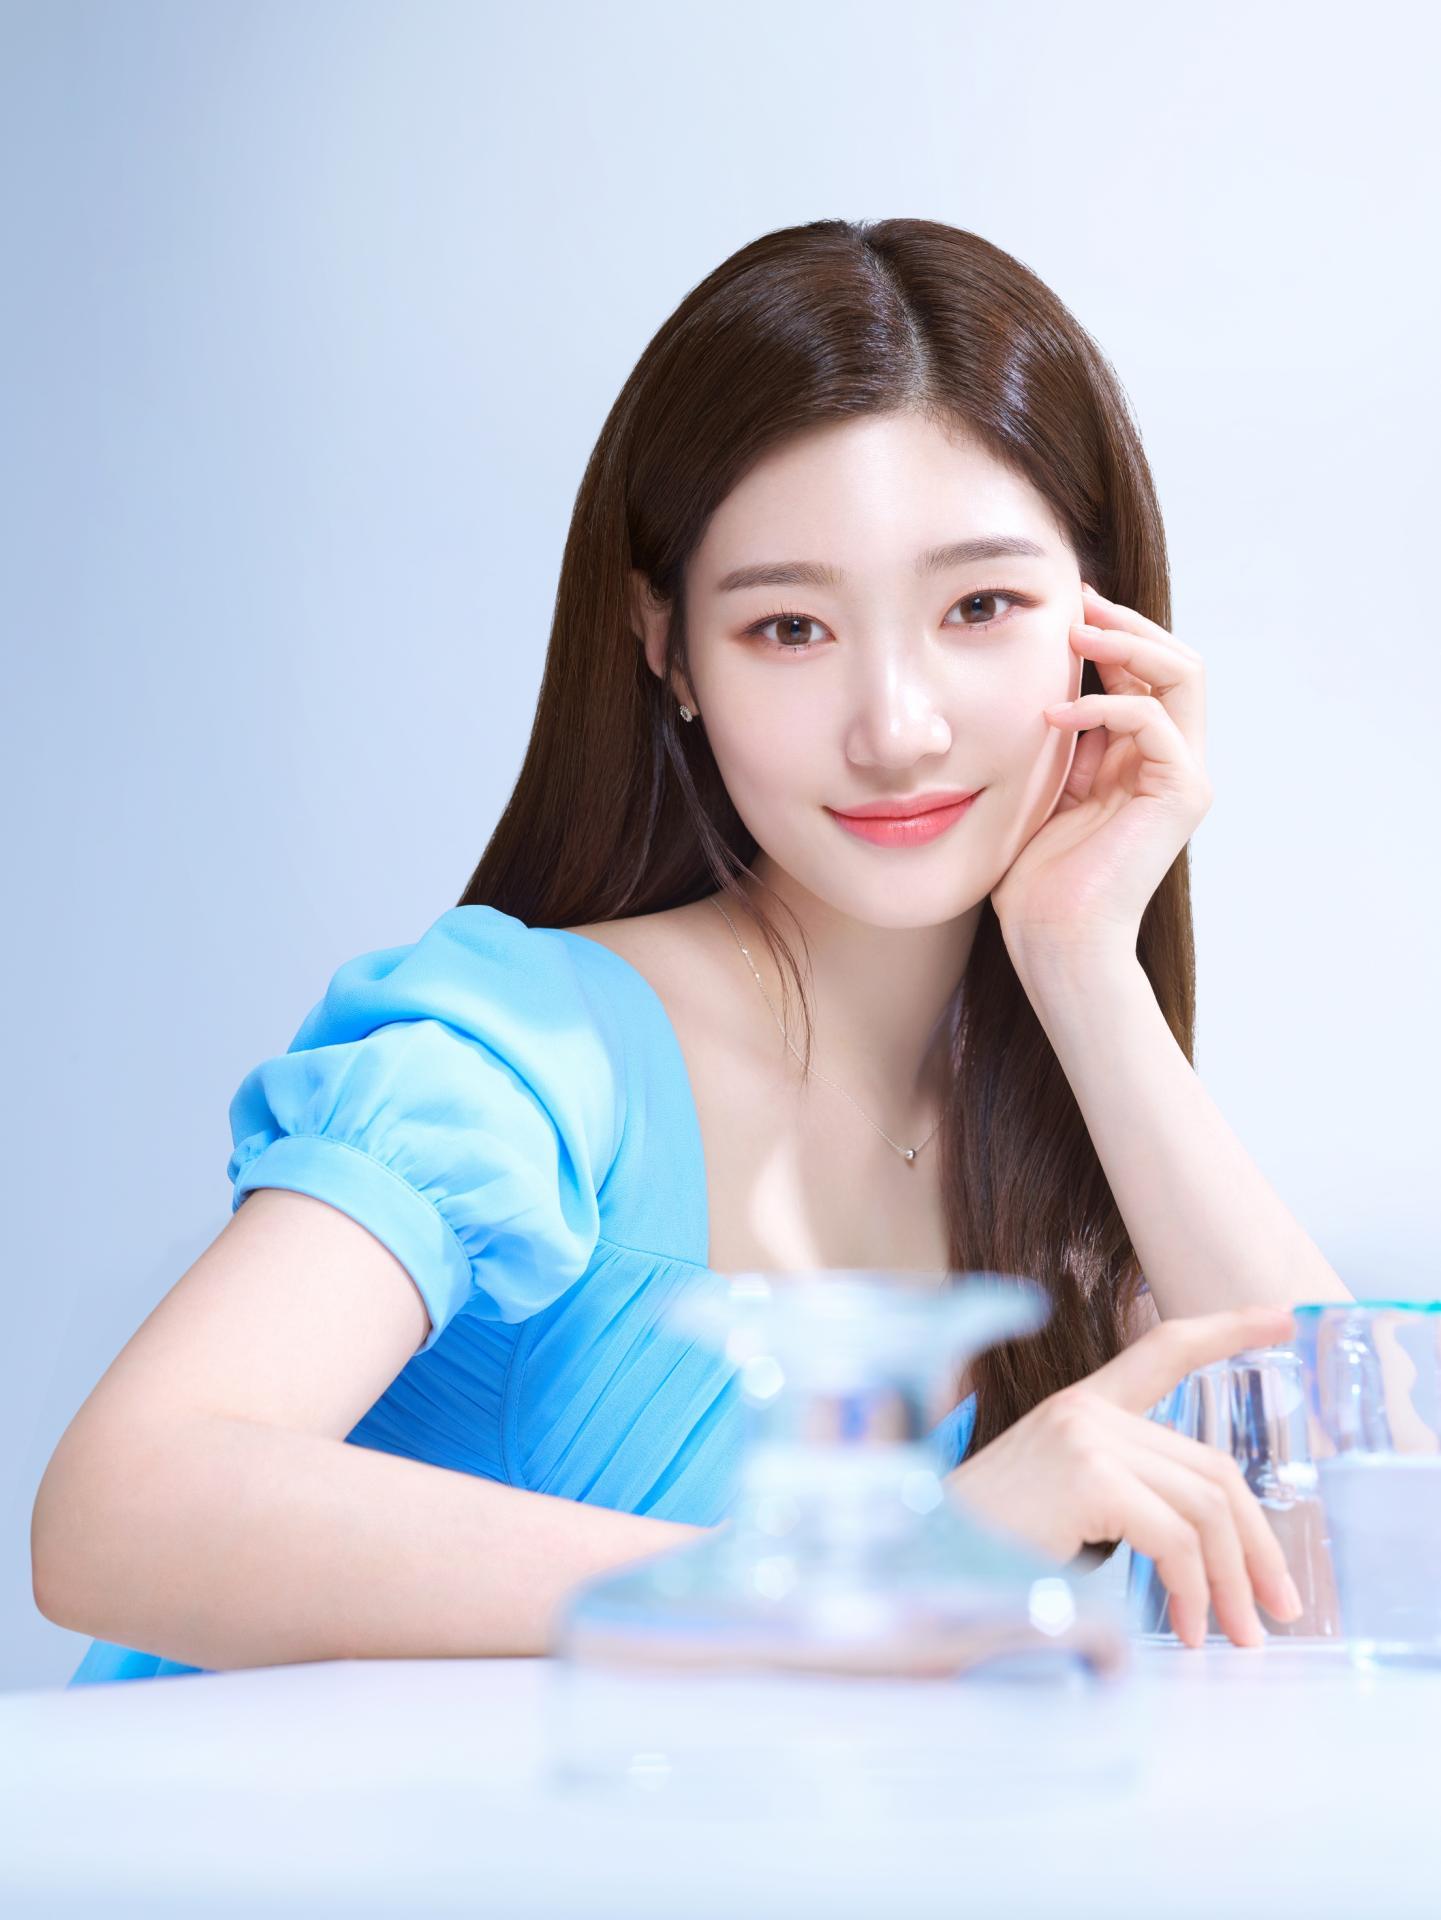 郑彩妍真的好看 自然妆容和多样姿势展现完美肌肤